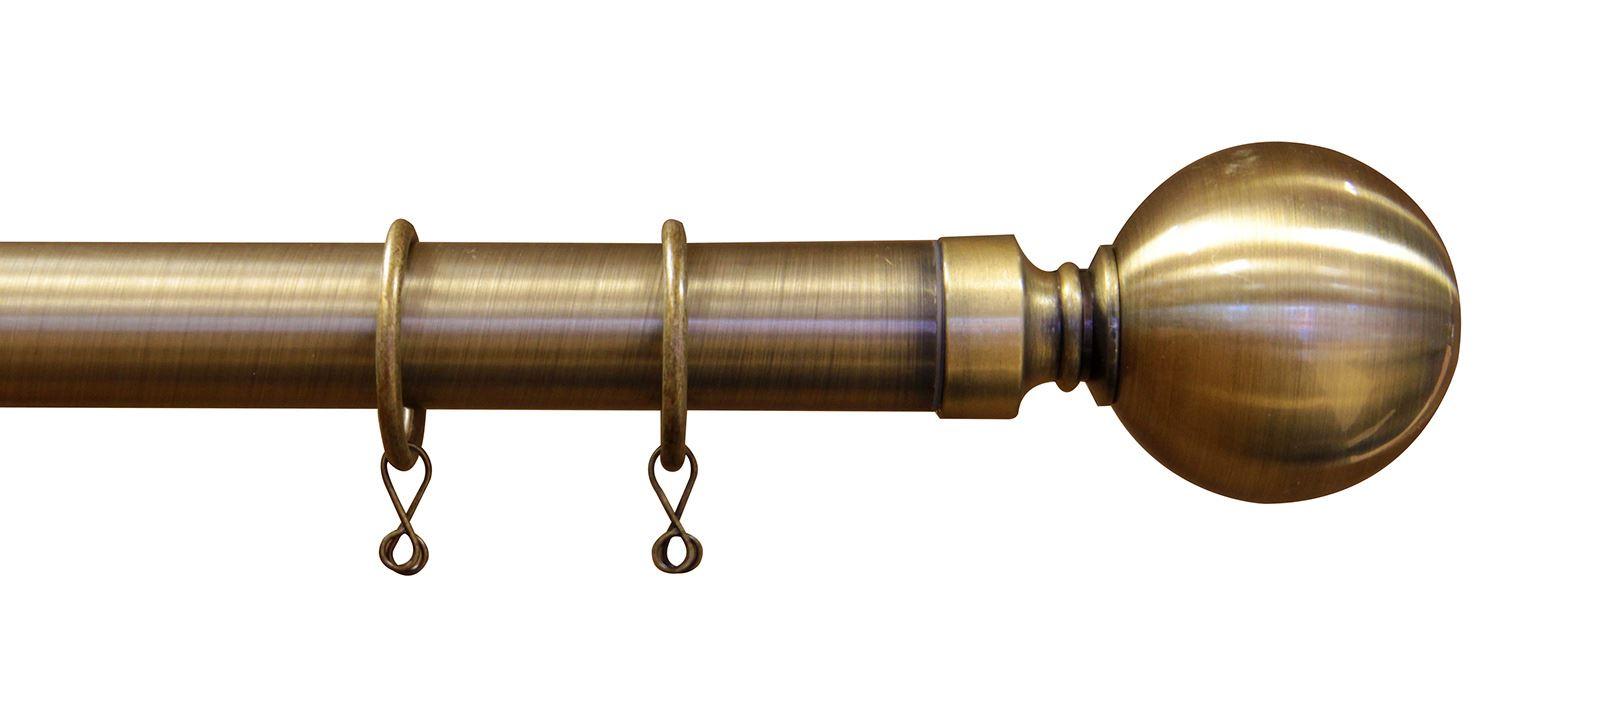 Curtain pole ends